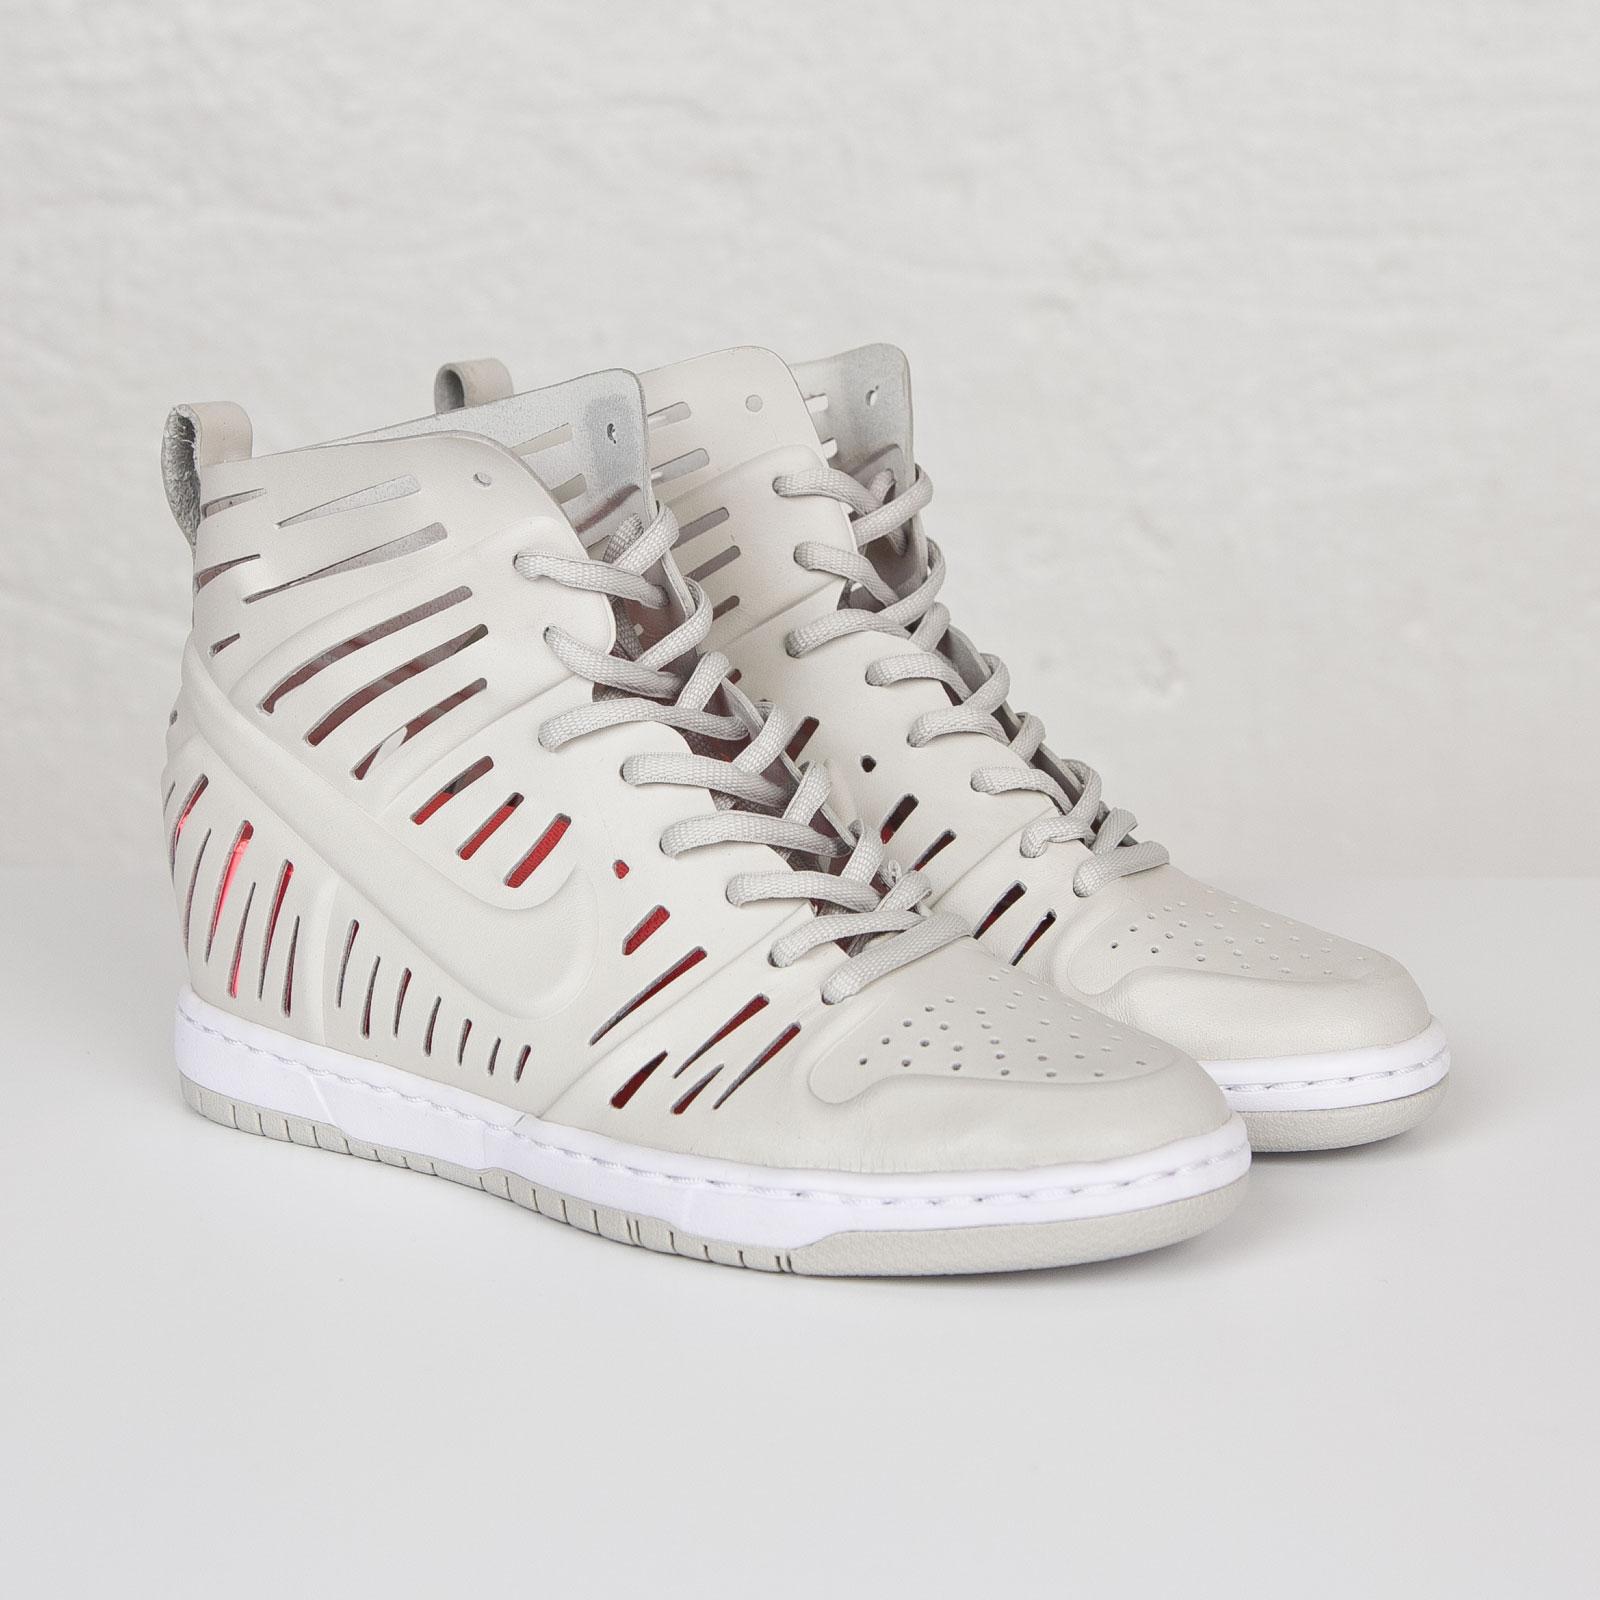 Nike W Dunk Sky Hi 2.0 Joli QS - 802813-001 - Sneakersnstuff ... d2cb1f858